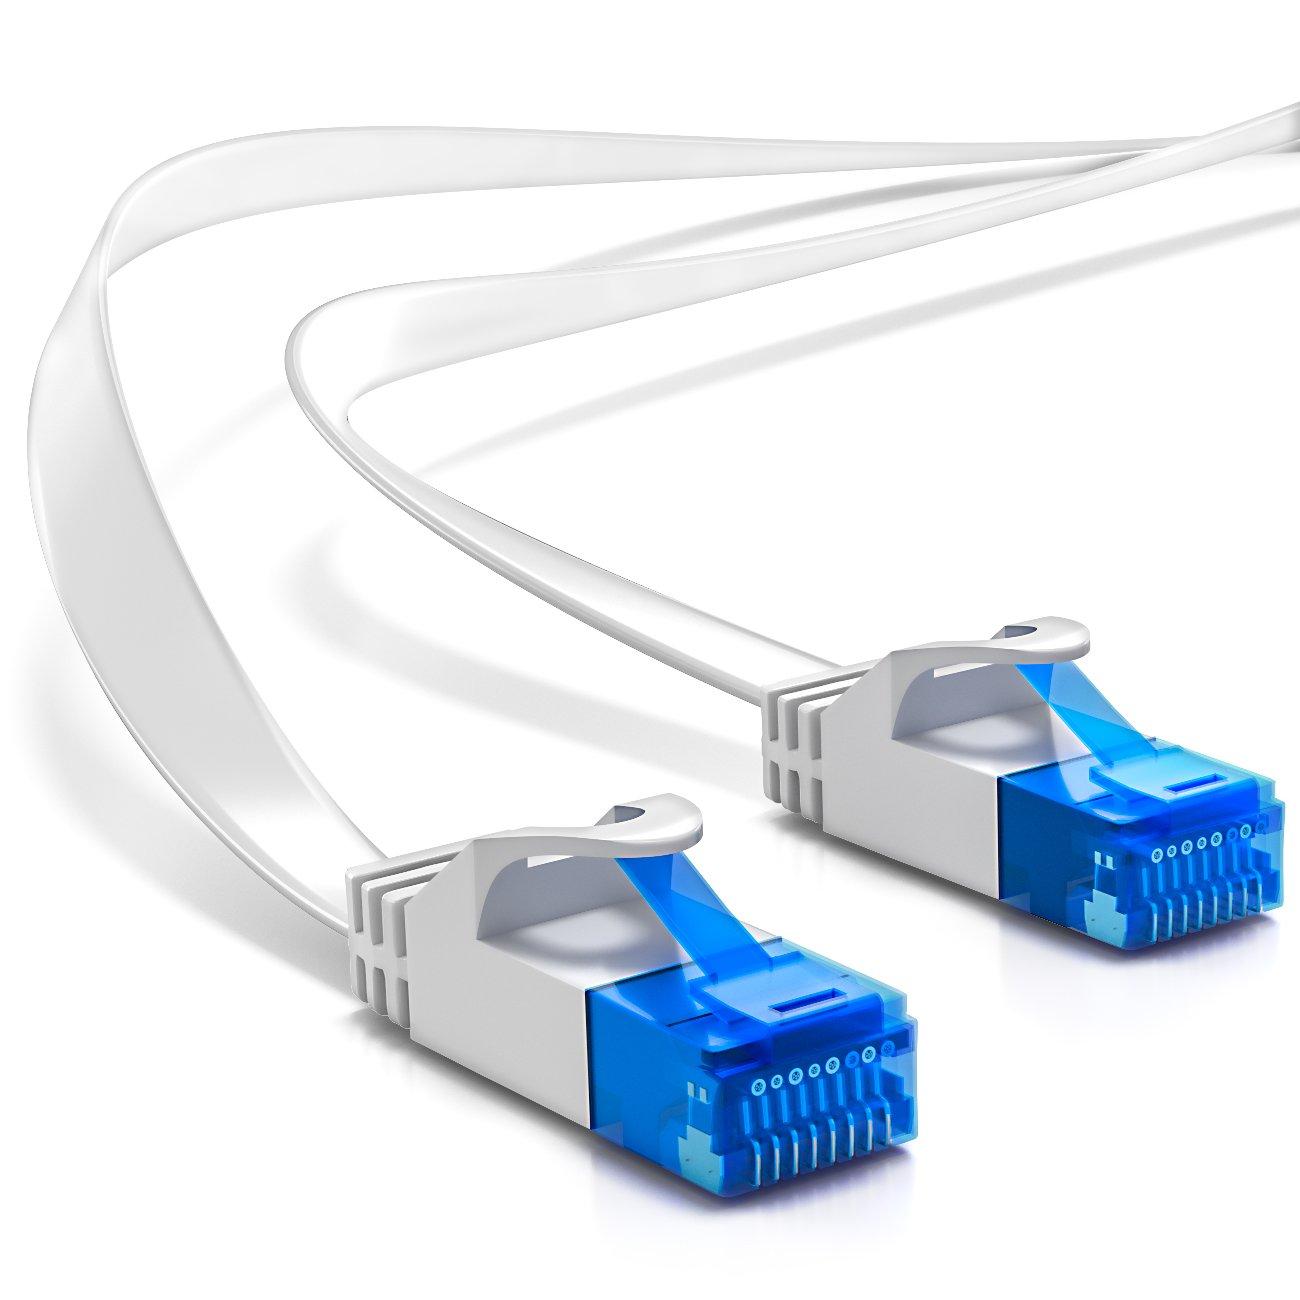 deleyCON 10m CAT6 Flaches Netzwerkkabel Flachbandkabel U-UTP RJ45 - UUTP Patchkabel für Switch Router